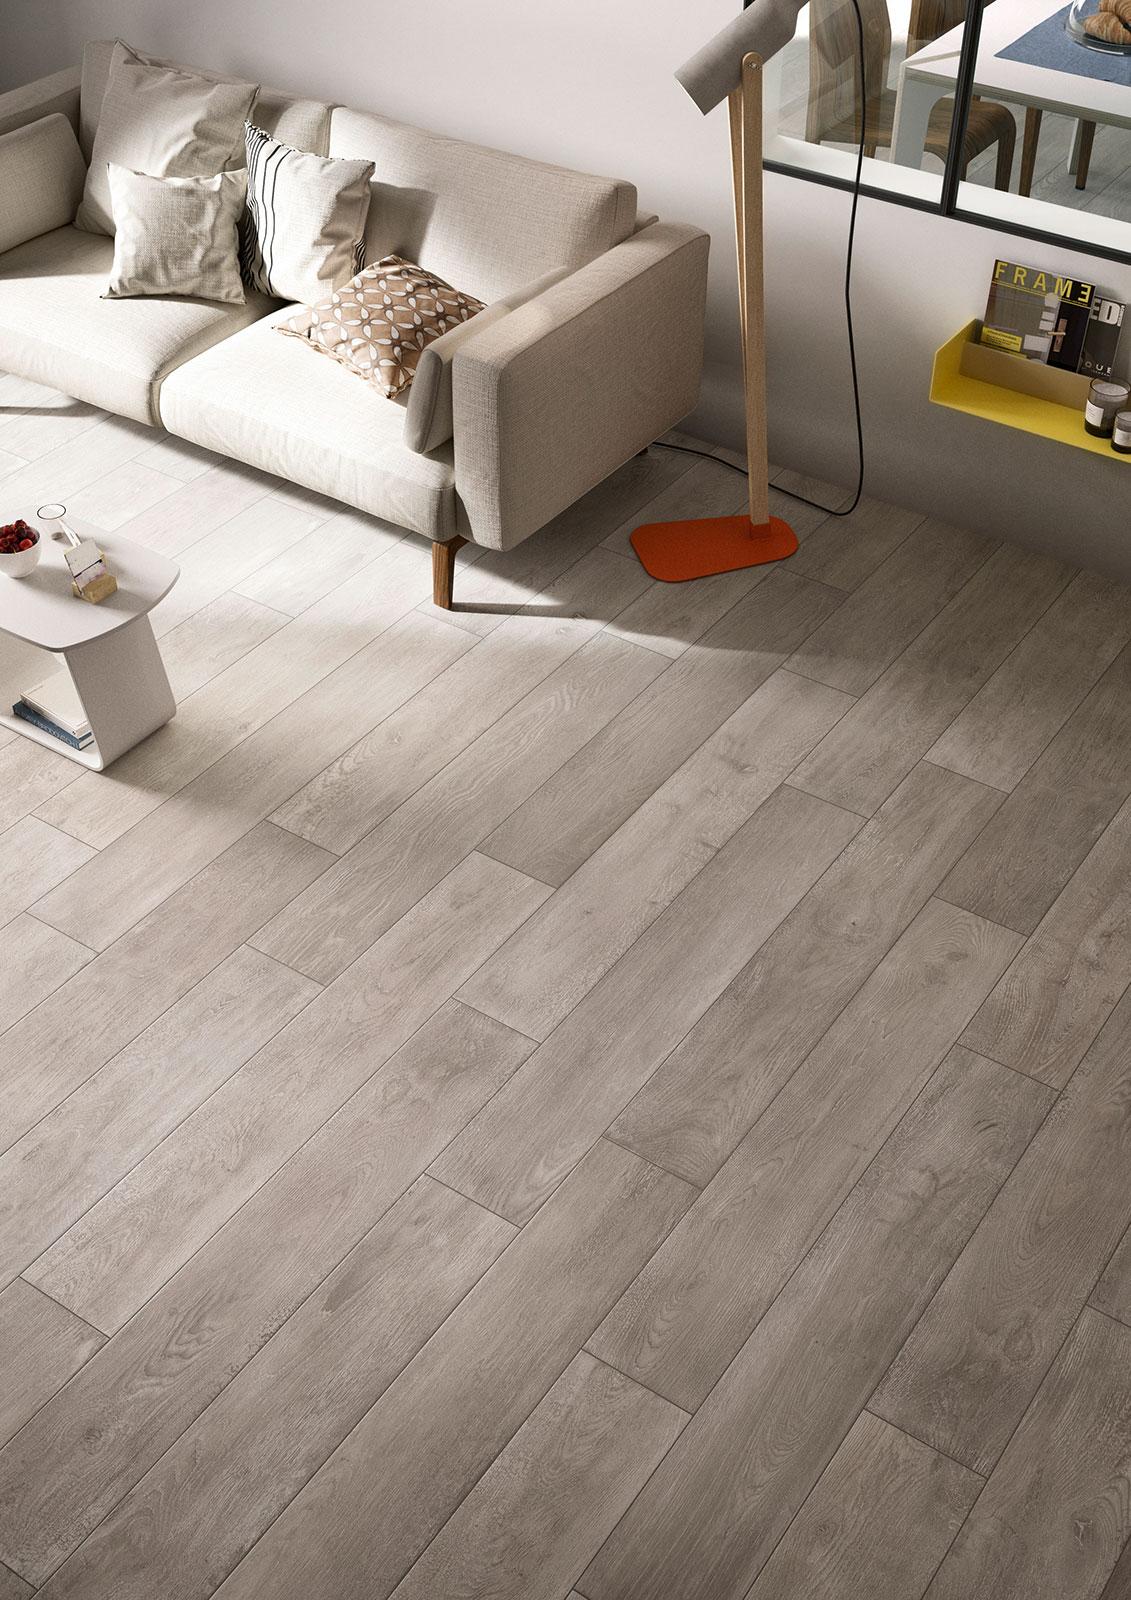 bar wohnzimmer konstanz:Living Room Tiles